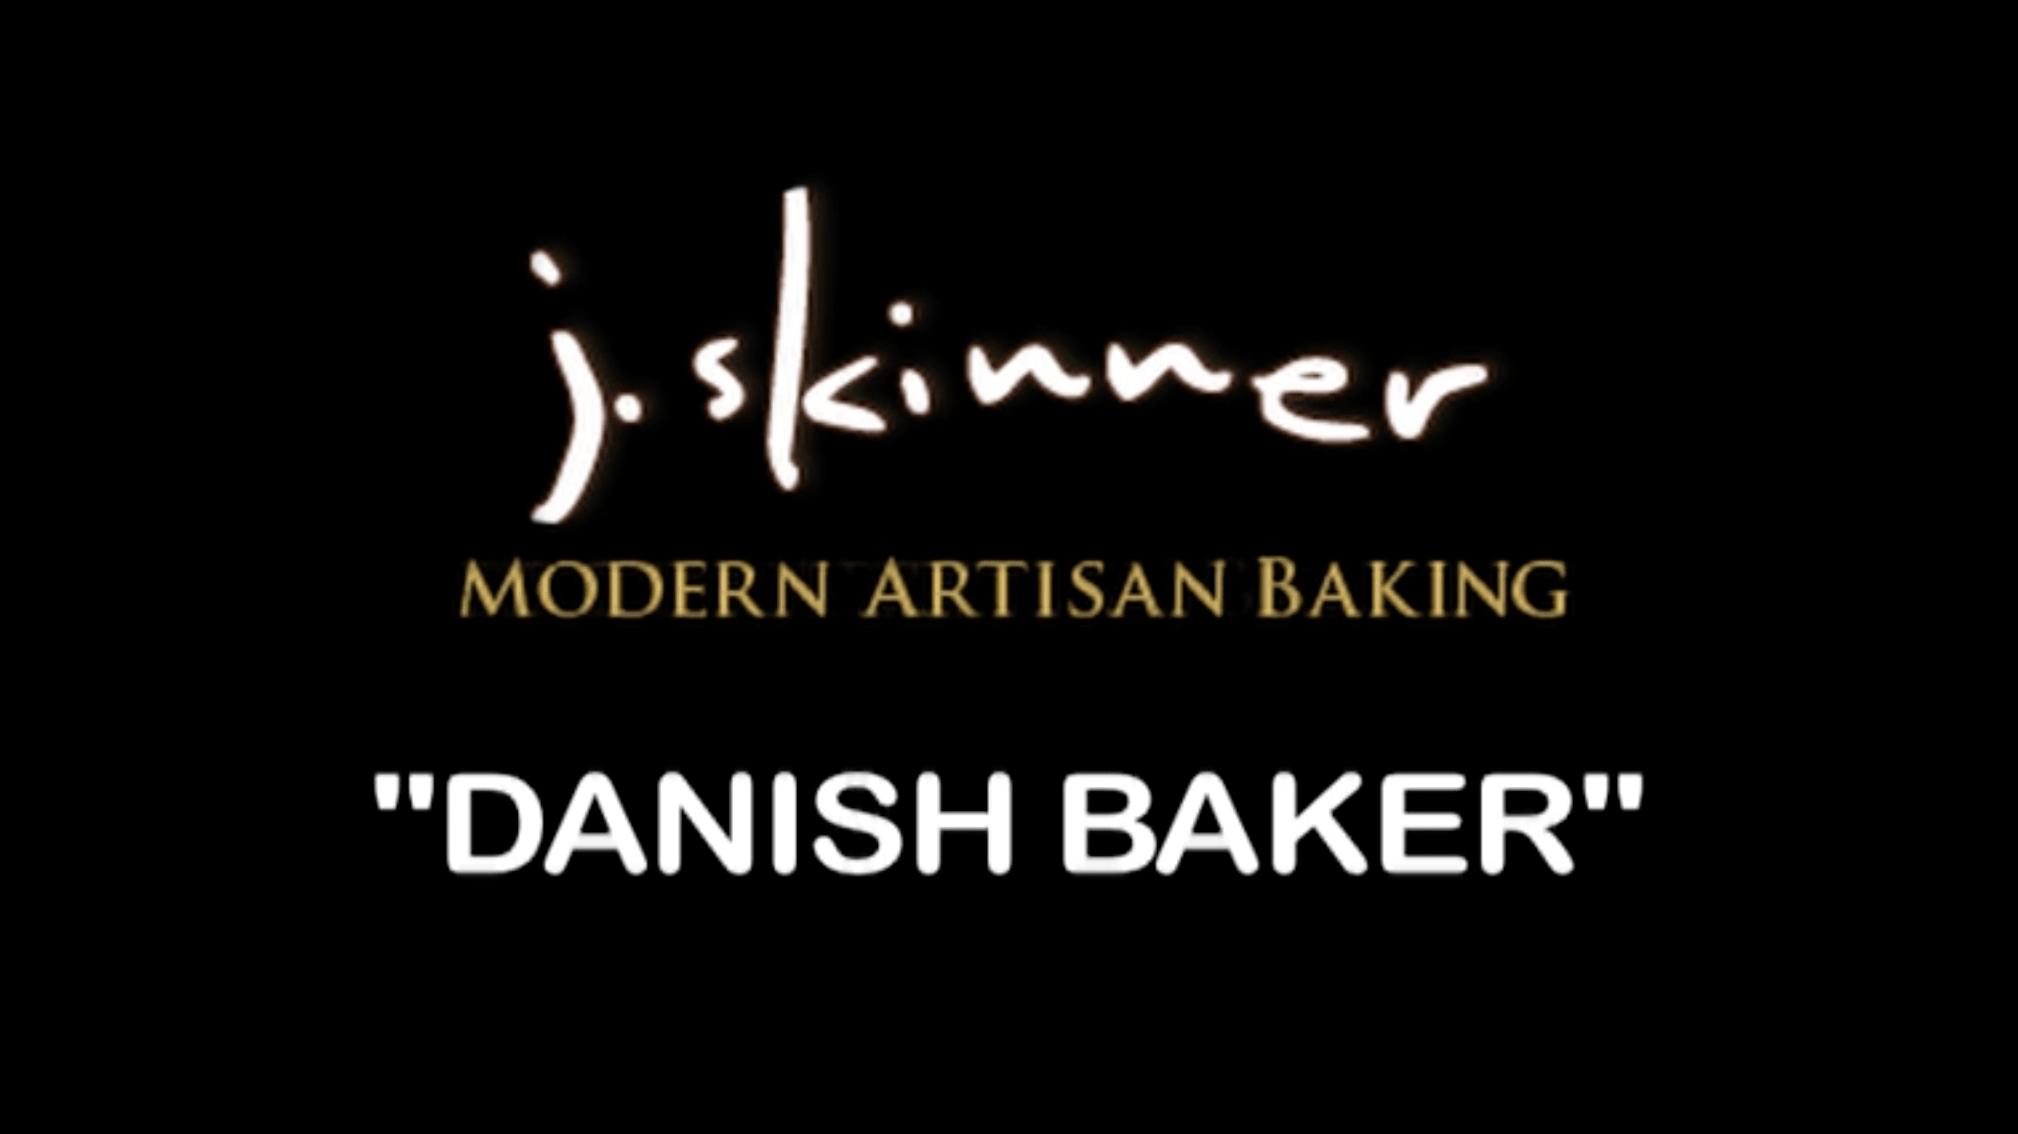 j. skinner Danish Baker